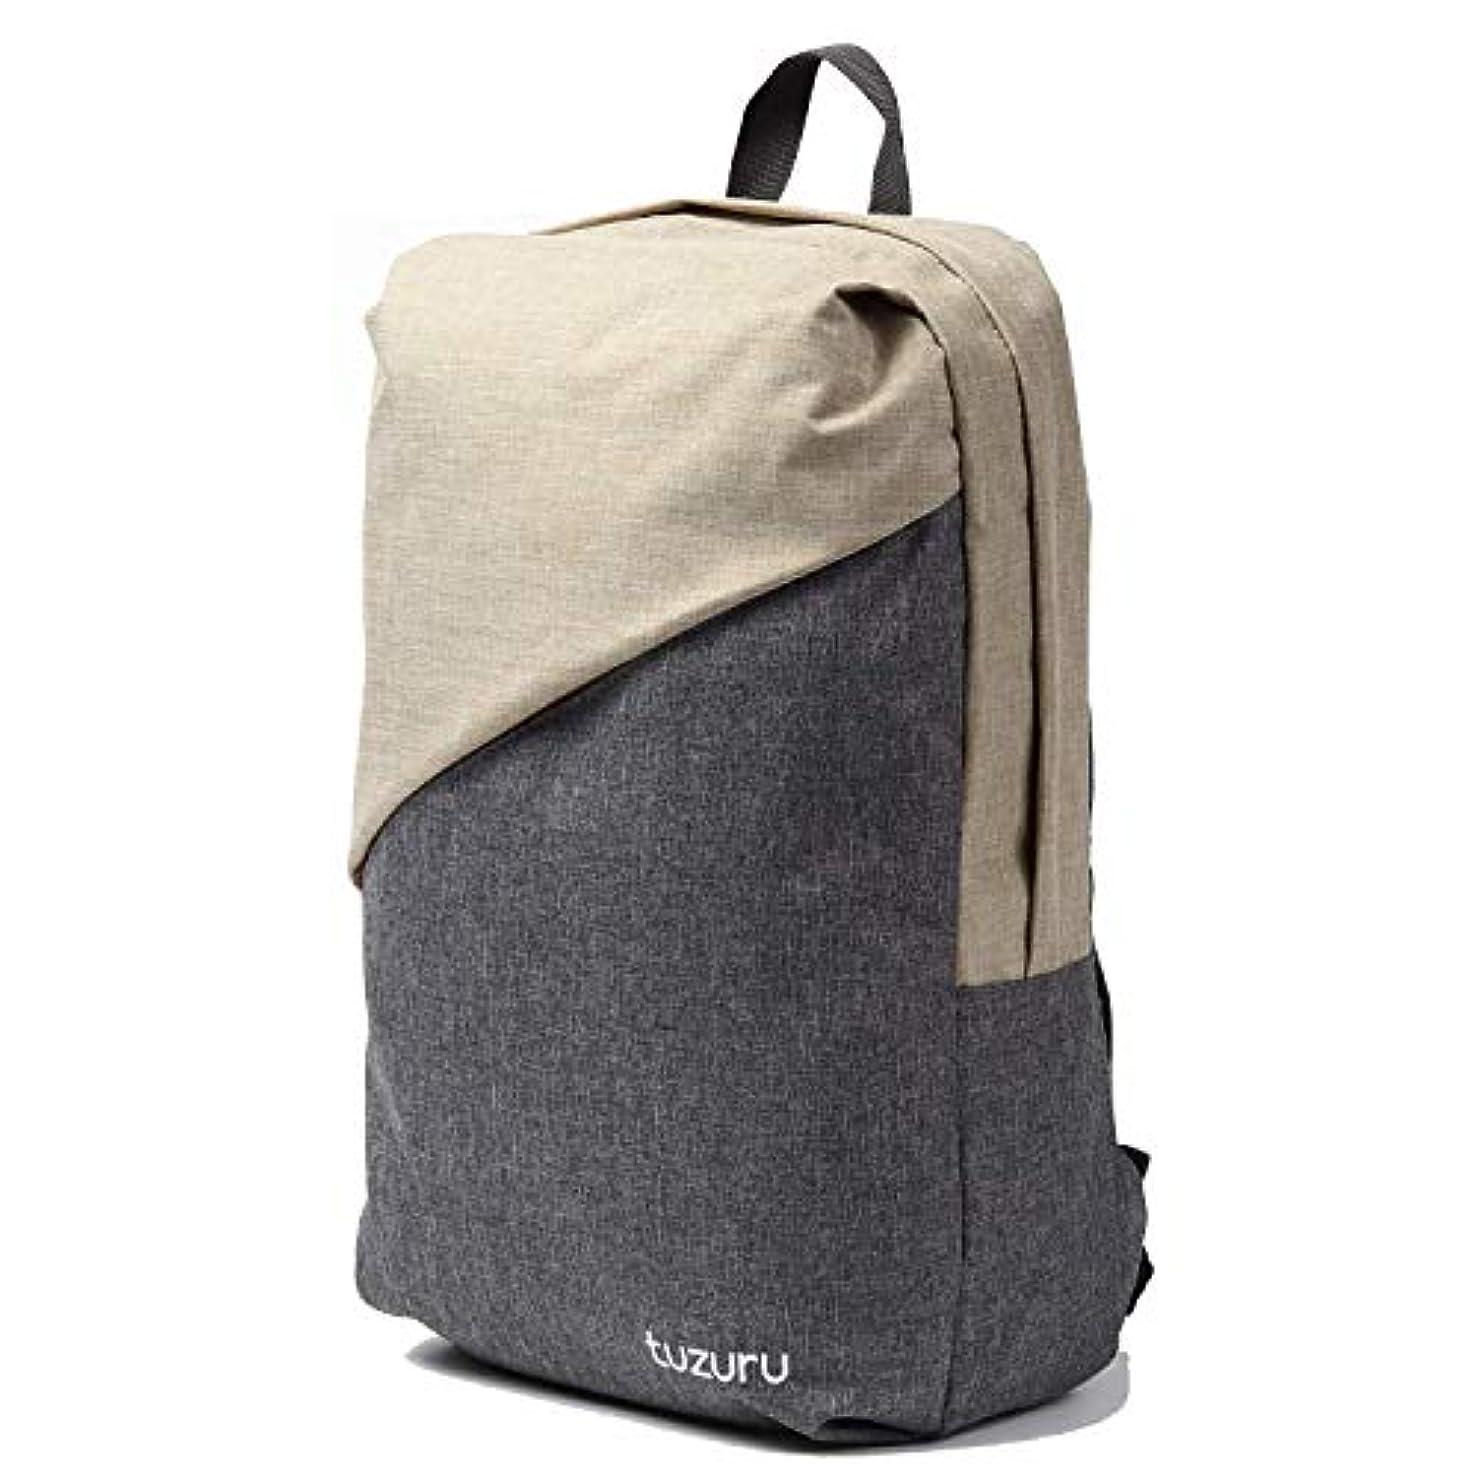 嘆く上げる倍率tuzuru リュック メンズ 防水 通学 軽量 キャリーオンバッグ